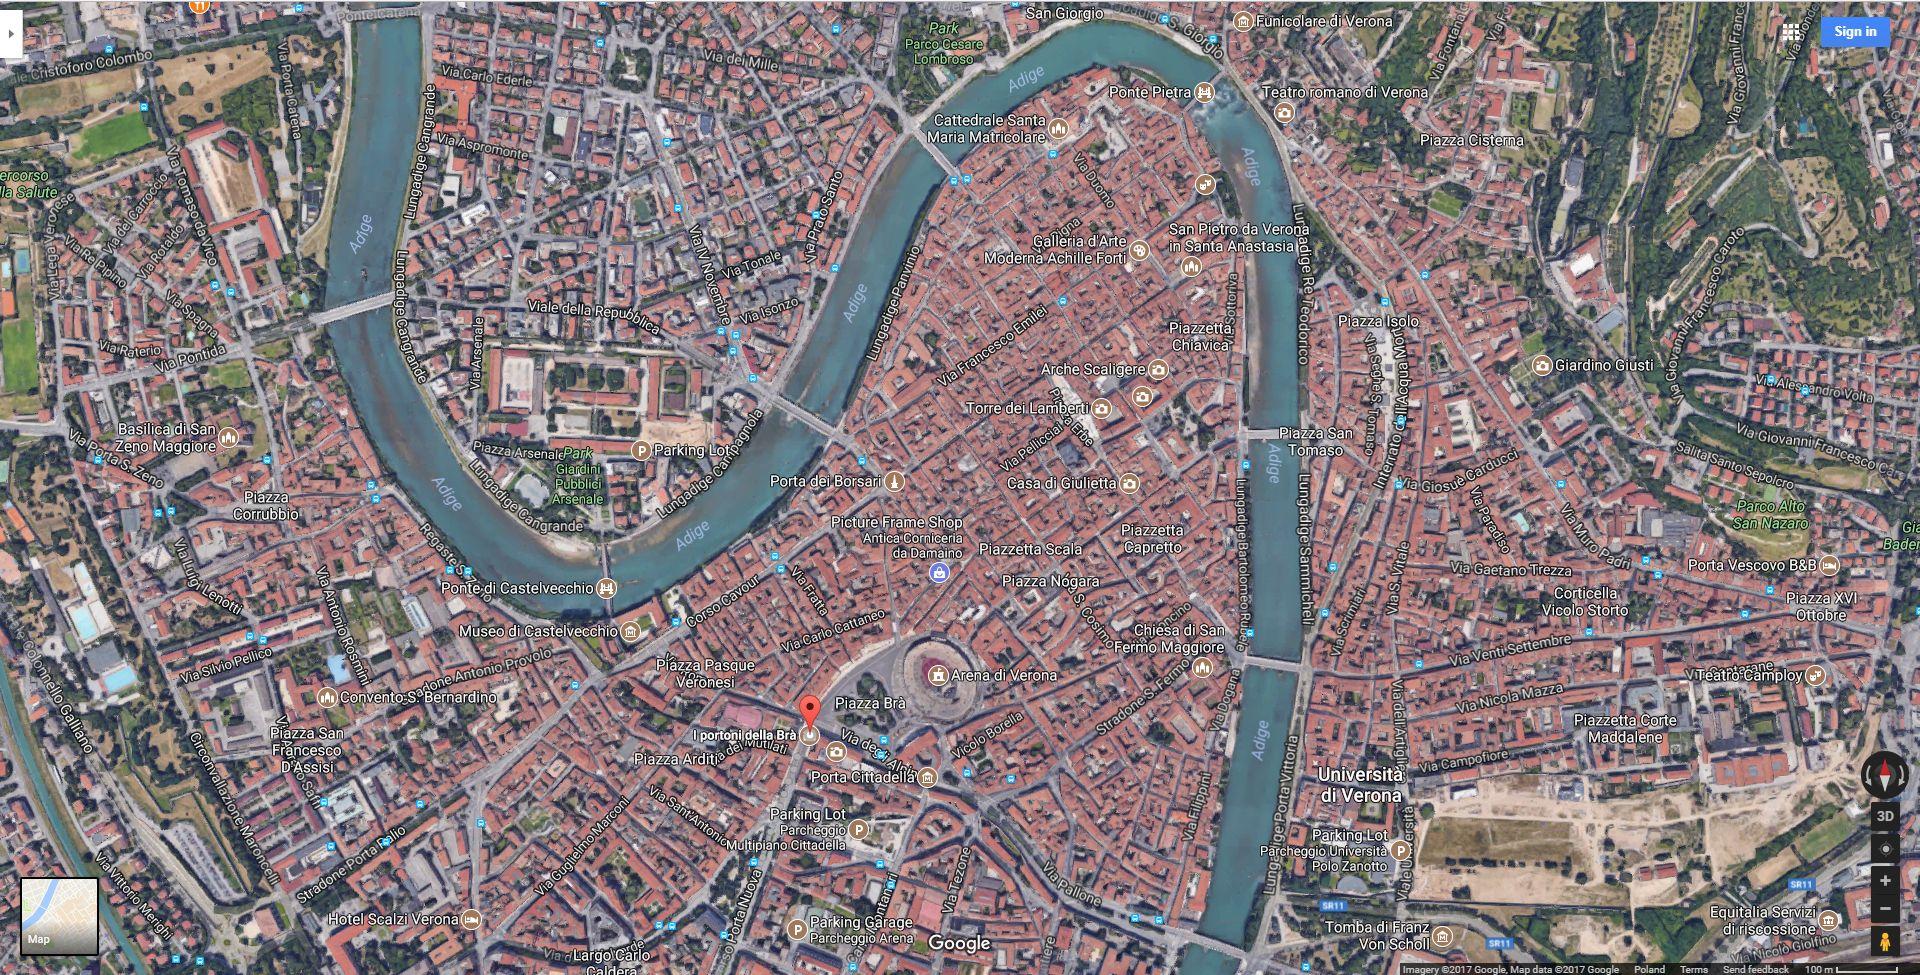 Antique city center of Verona